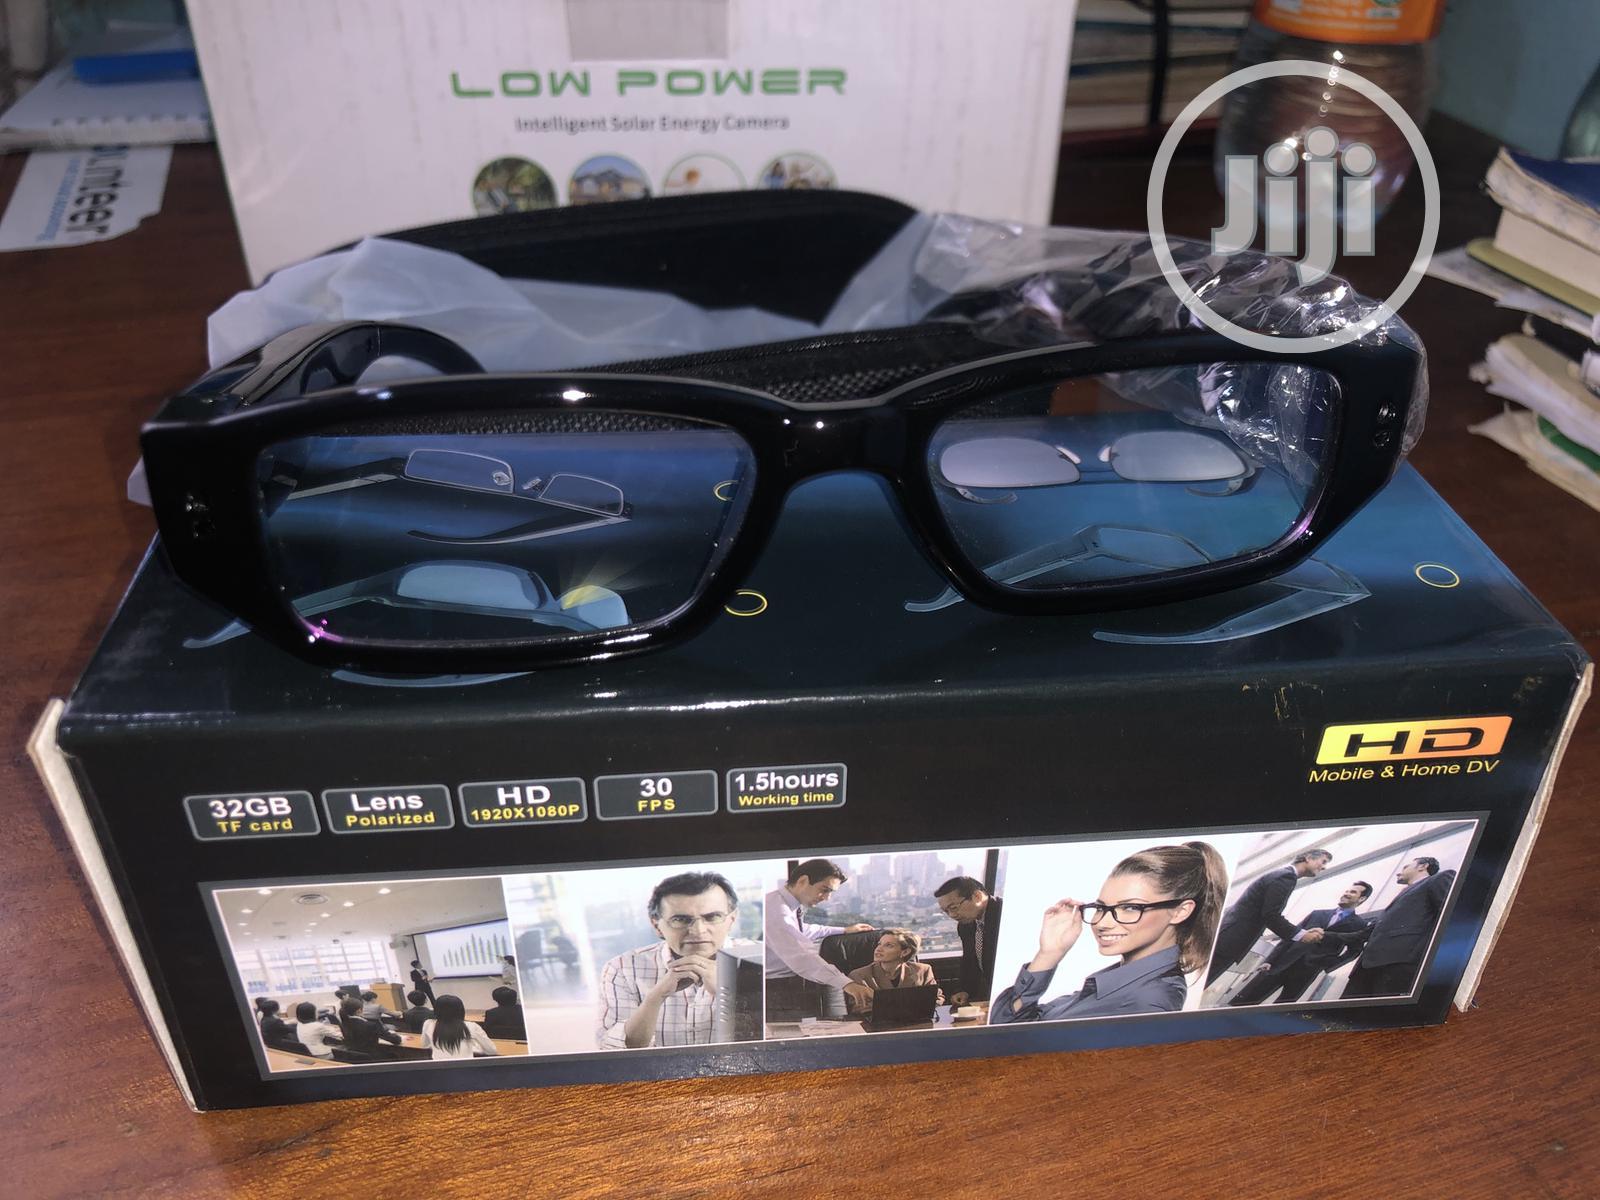 Spy Glasses With 32gb Storage